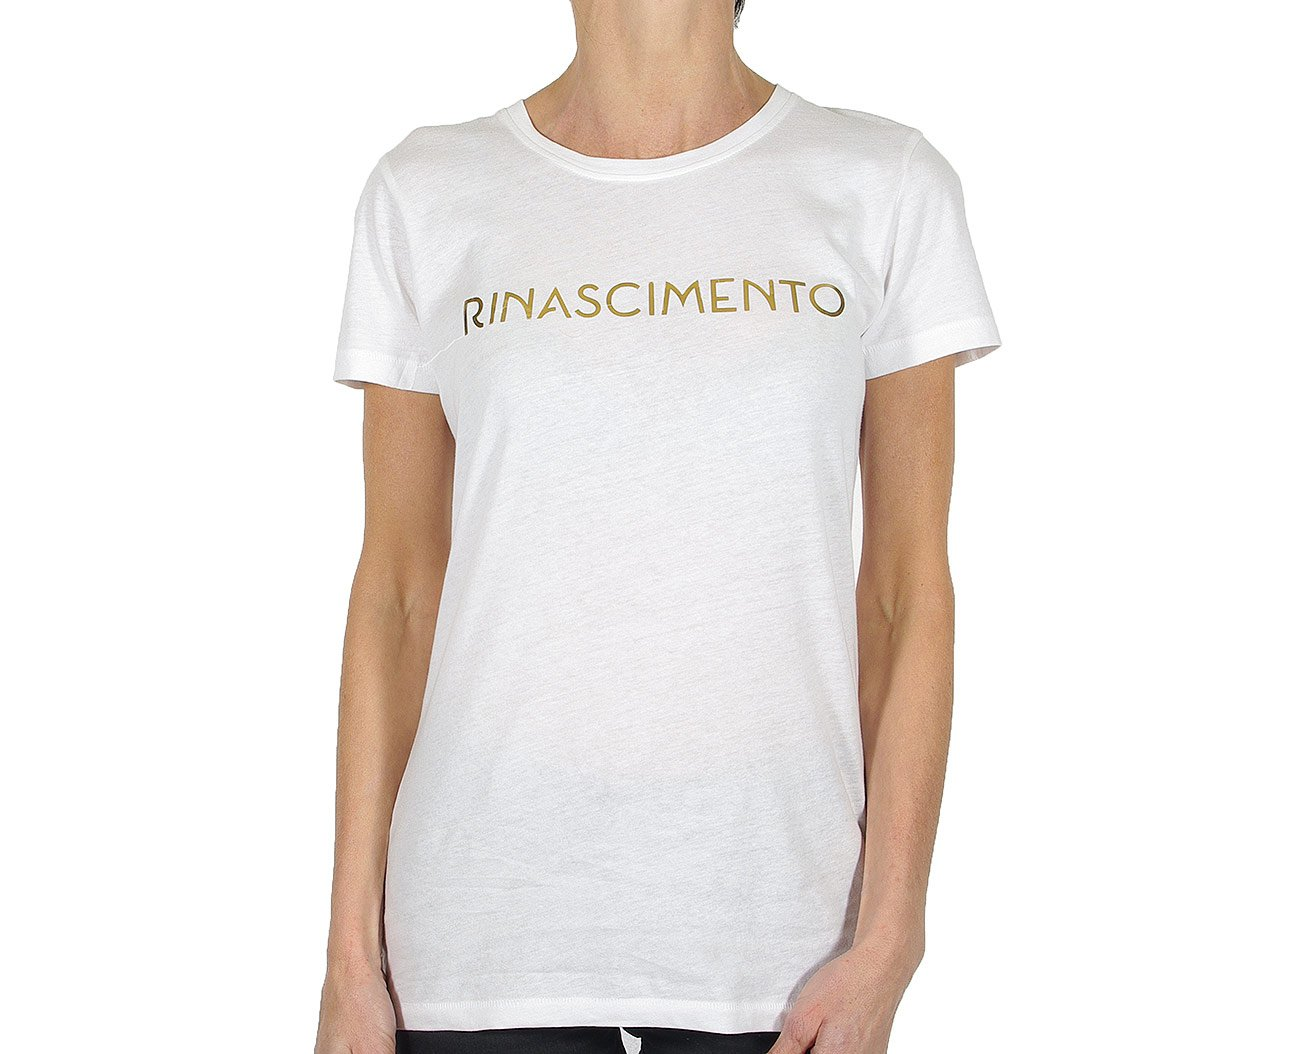 Rinascimento 88554 t-shirt maglietta bianco